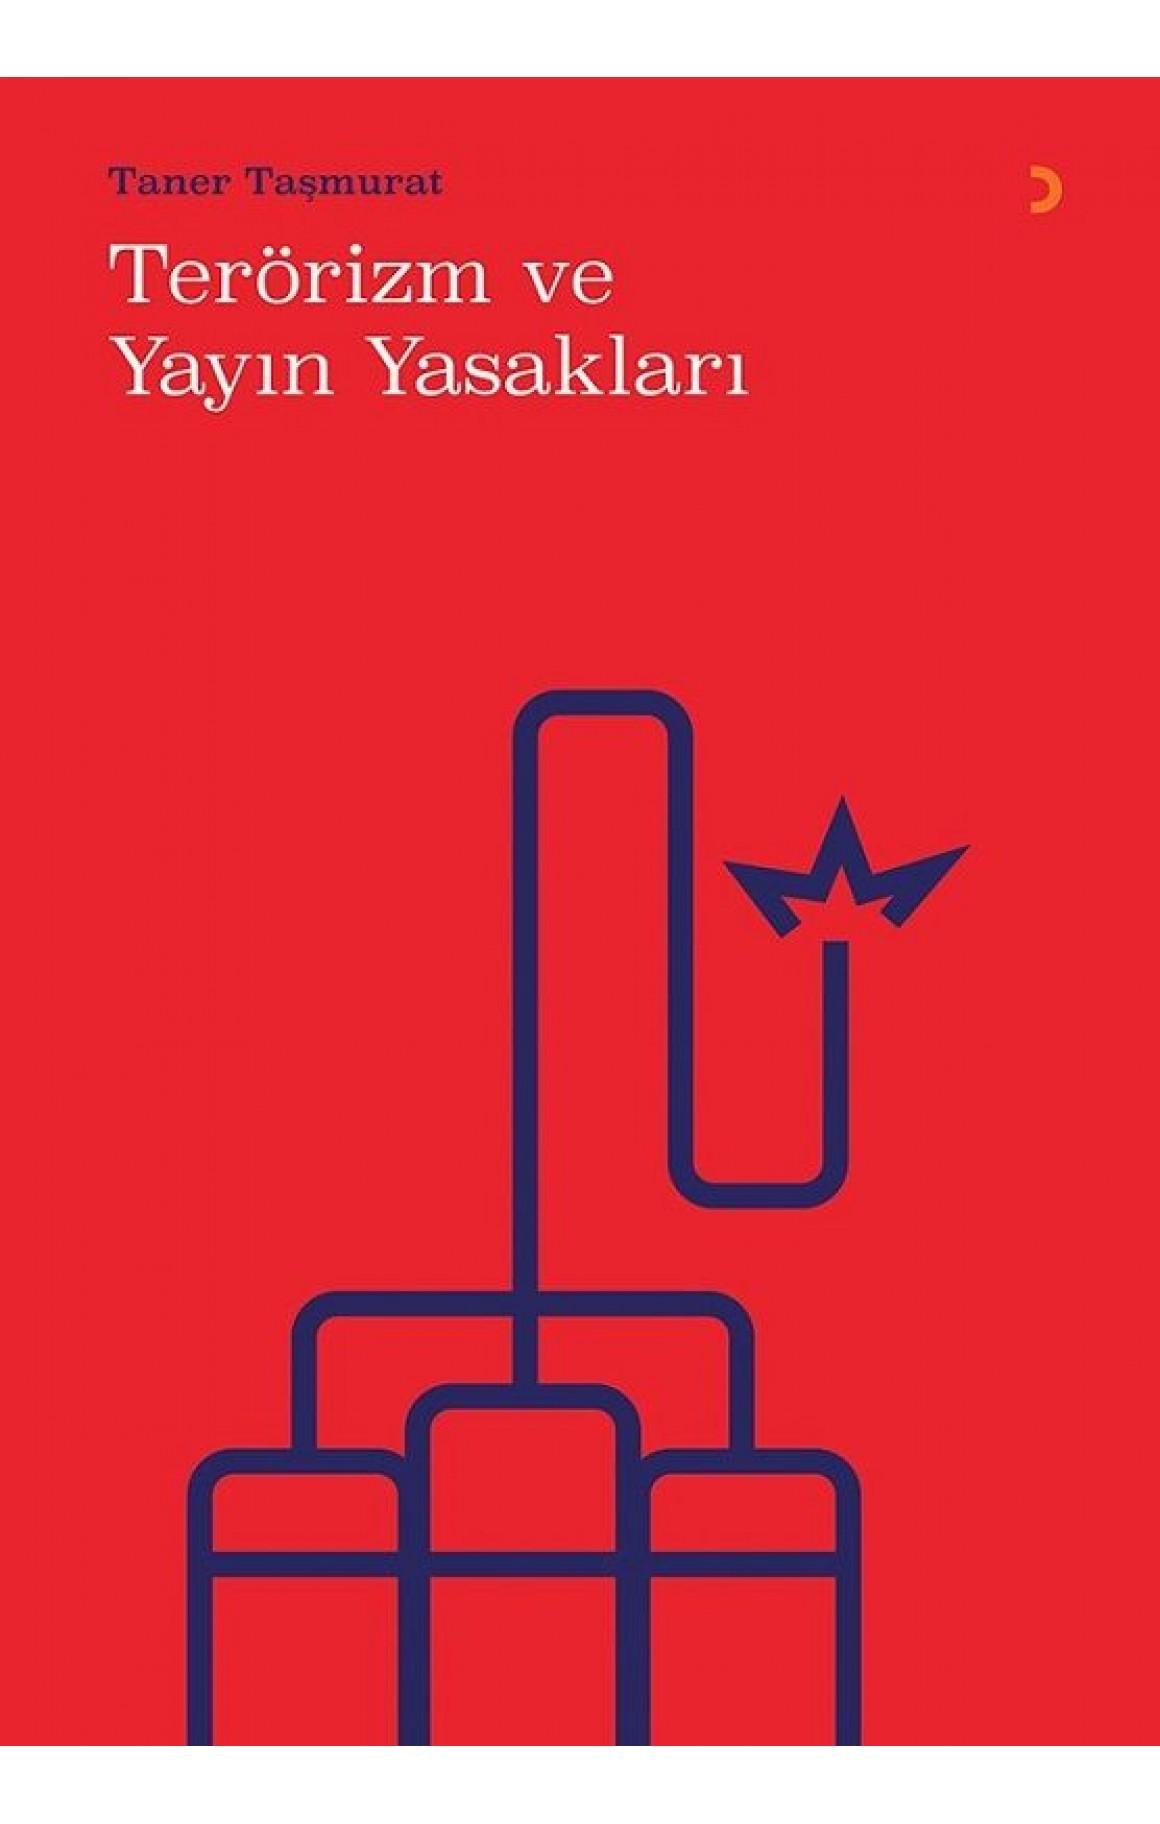 Terörizm ve Yayın Yasakları